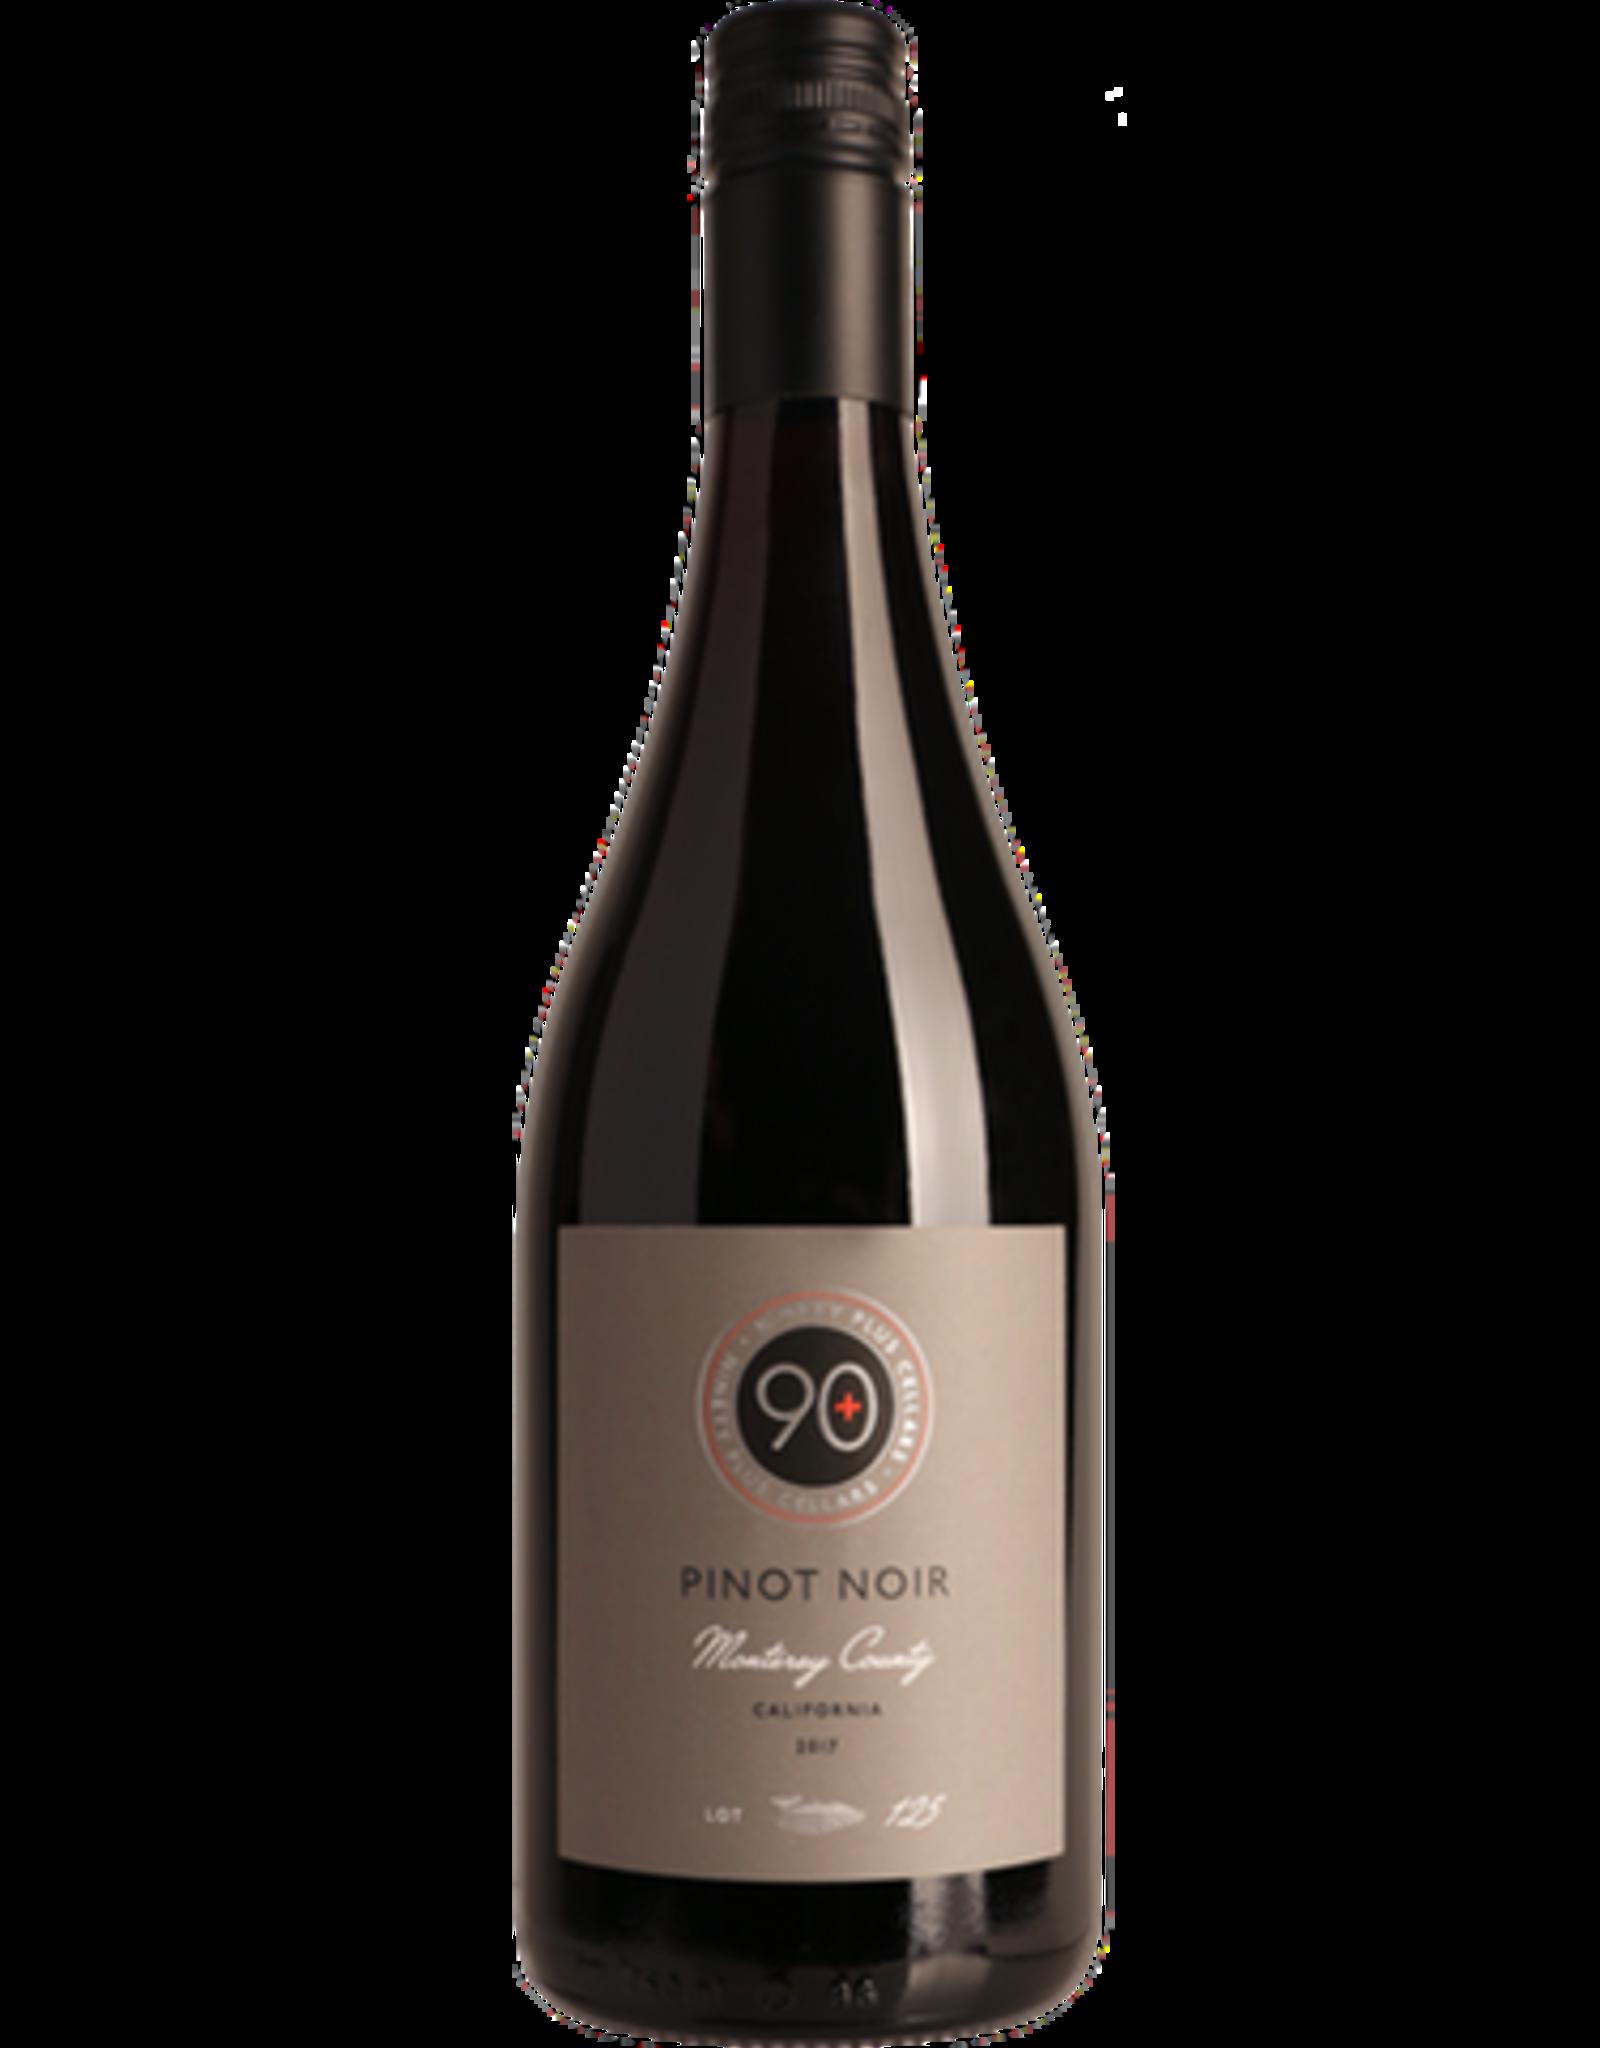 90+ Cellars 90+ Cellars Lot 179 Pinot Noir